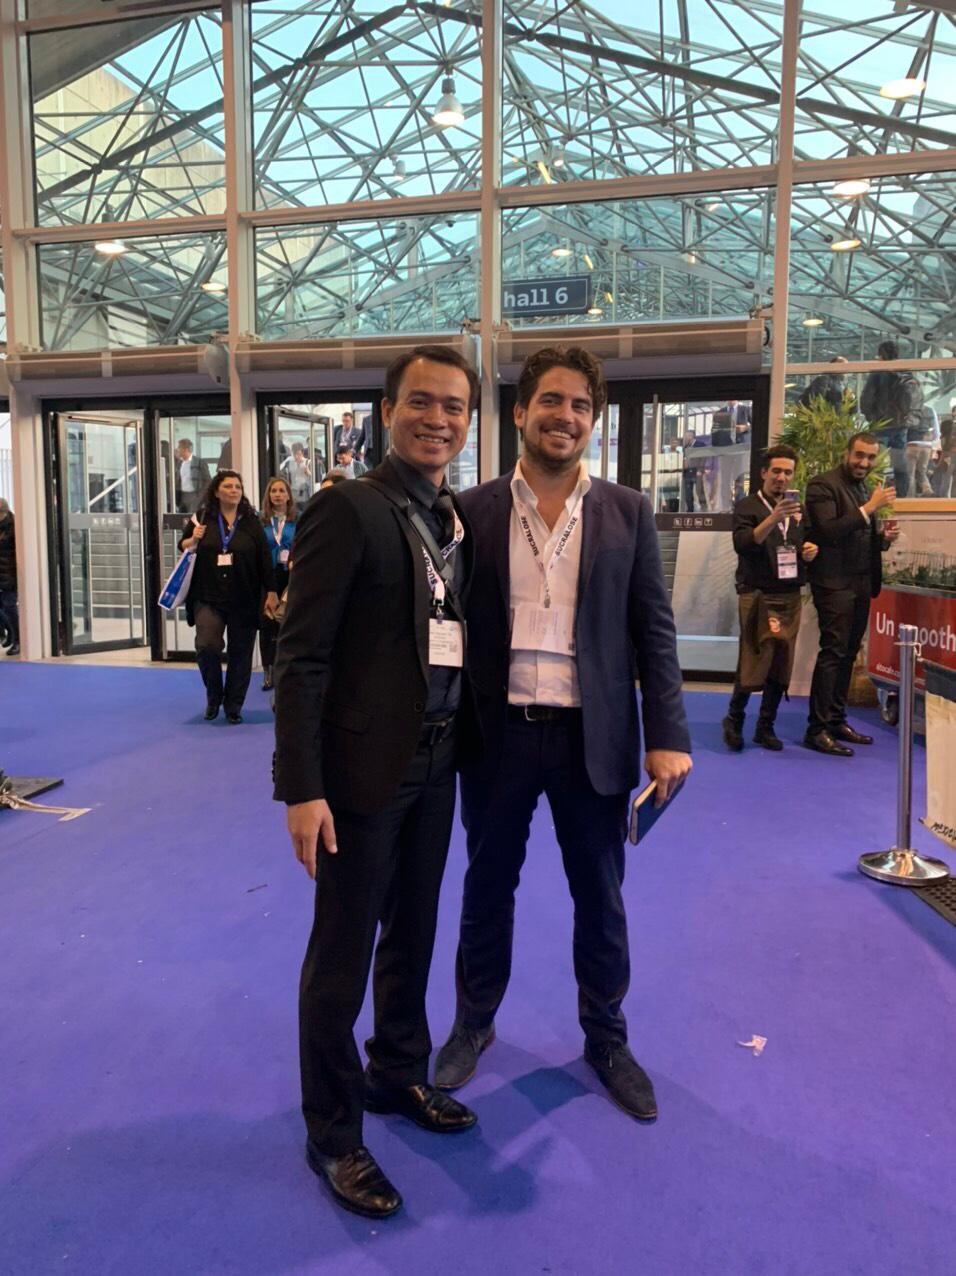 FI EURO mở ra nhiều cơ hội kinh doanh và góp phần khẳng định uy tín PTEXIM